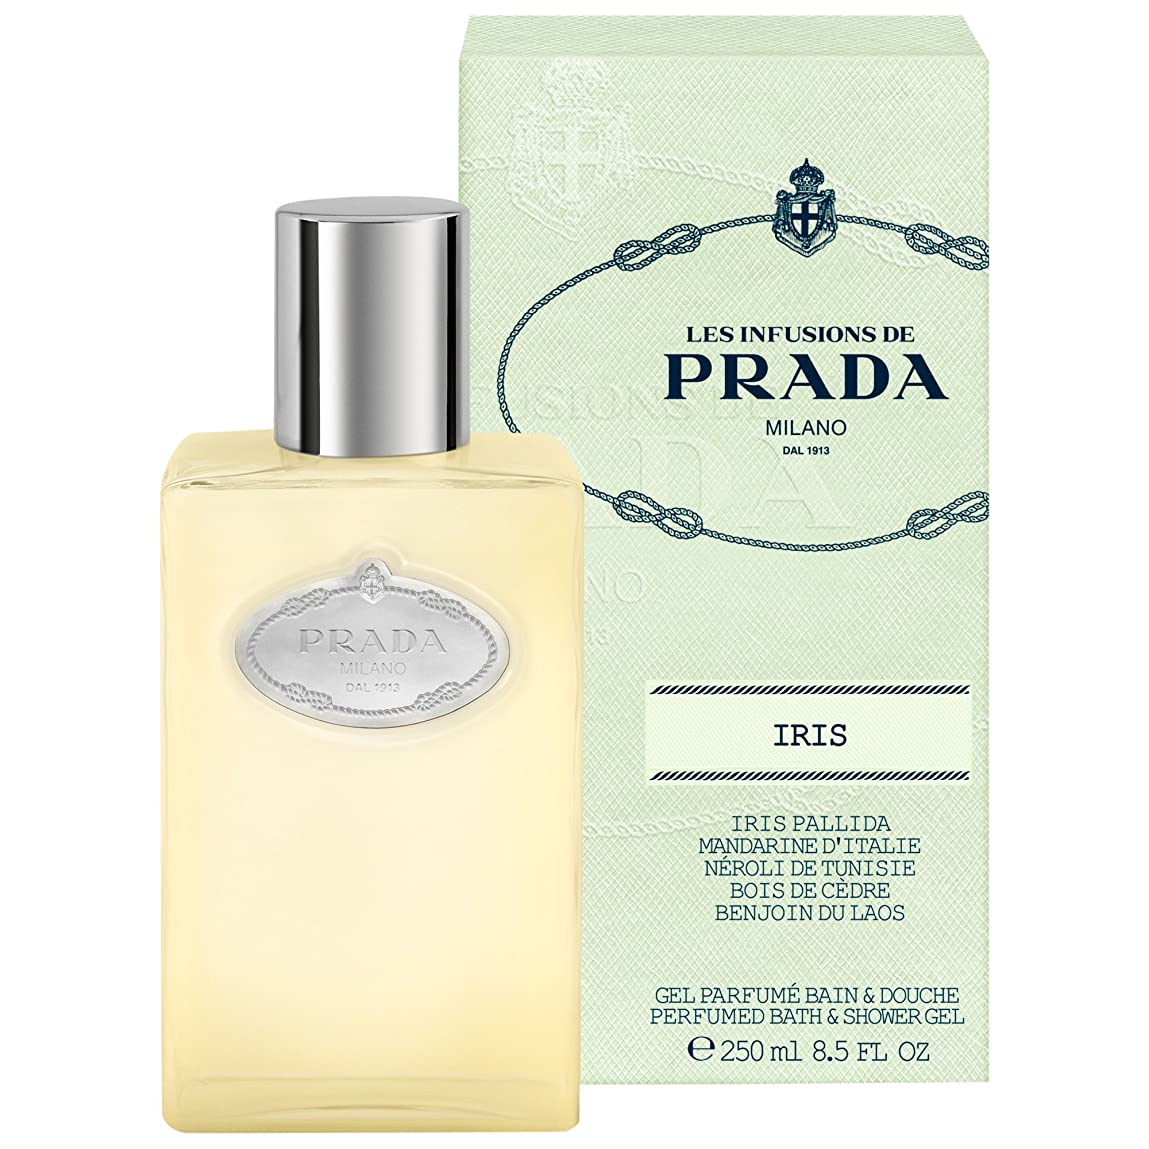 奇妙な反逆に対応するプラダアイリスシャワージェル250ミリリットル (Prada) (x6) - Prada Iris Shower Gel 250ml (Pack of 6) [並行輸入品]